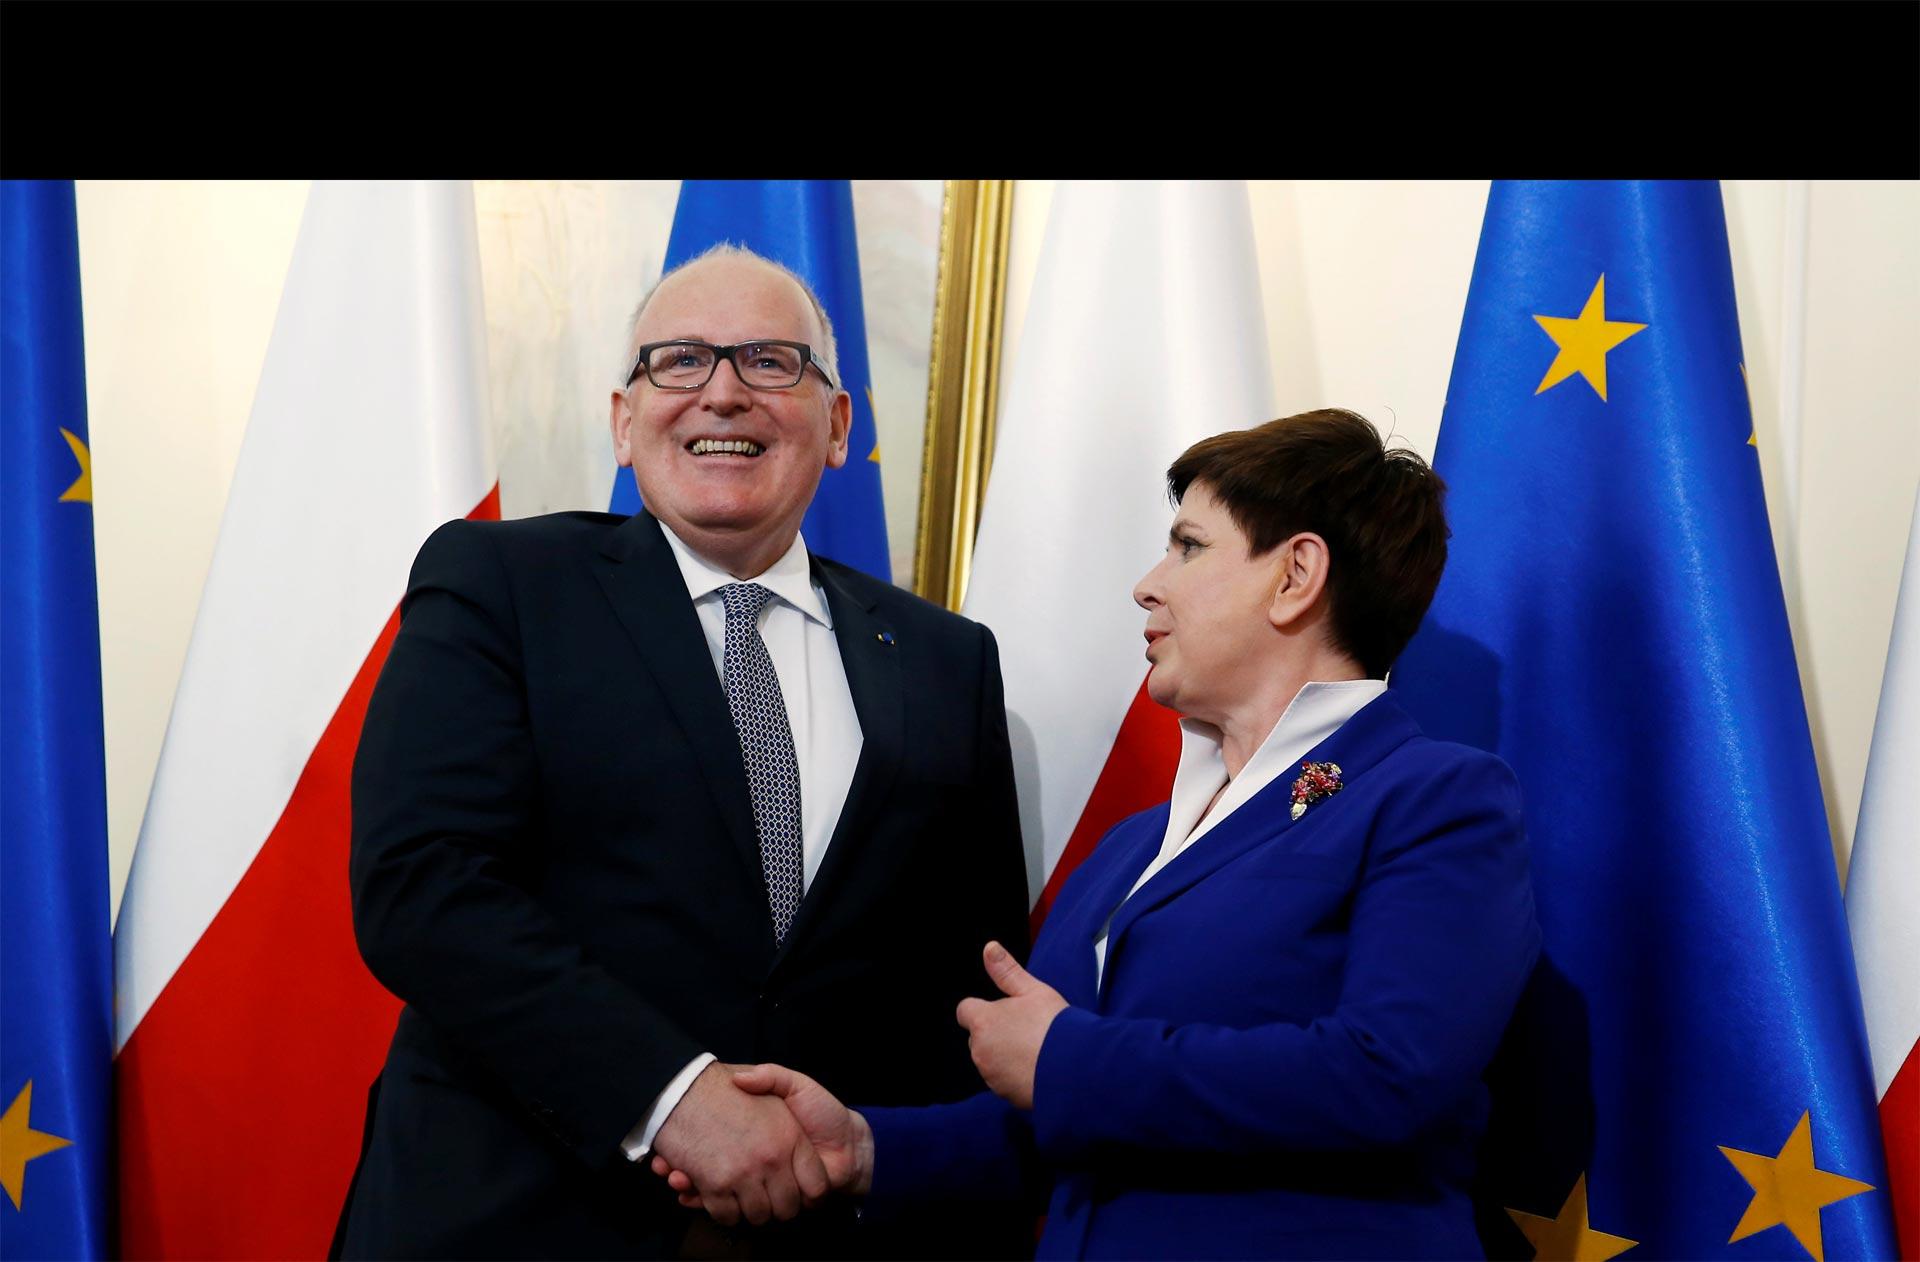 Al bloque le preocupa que Polonia esté violando los estándares legales de la comunidad